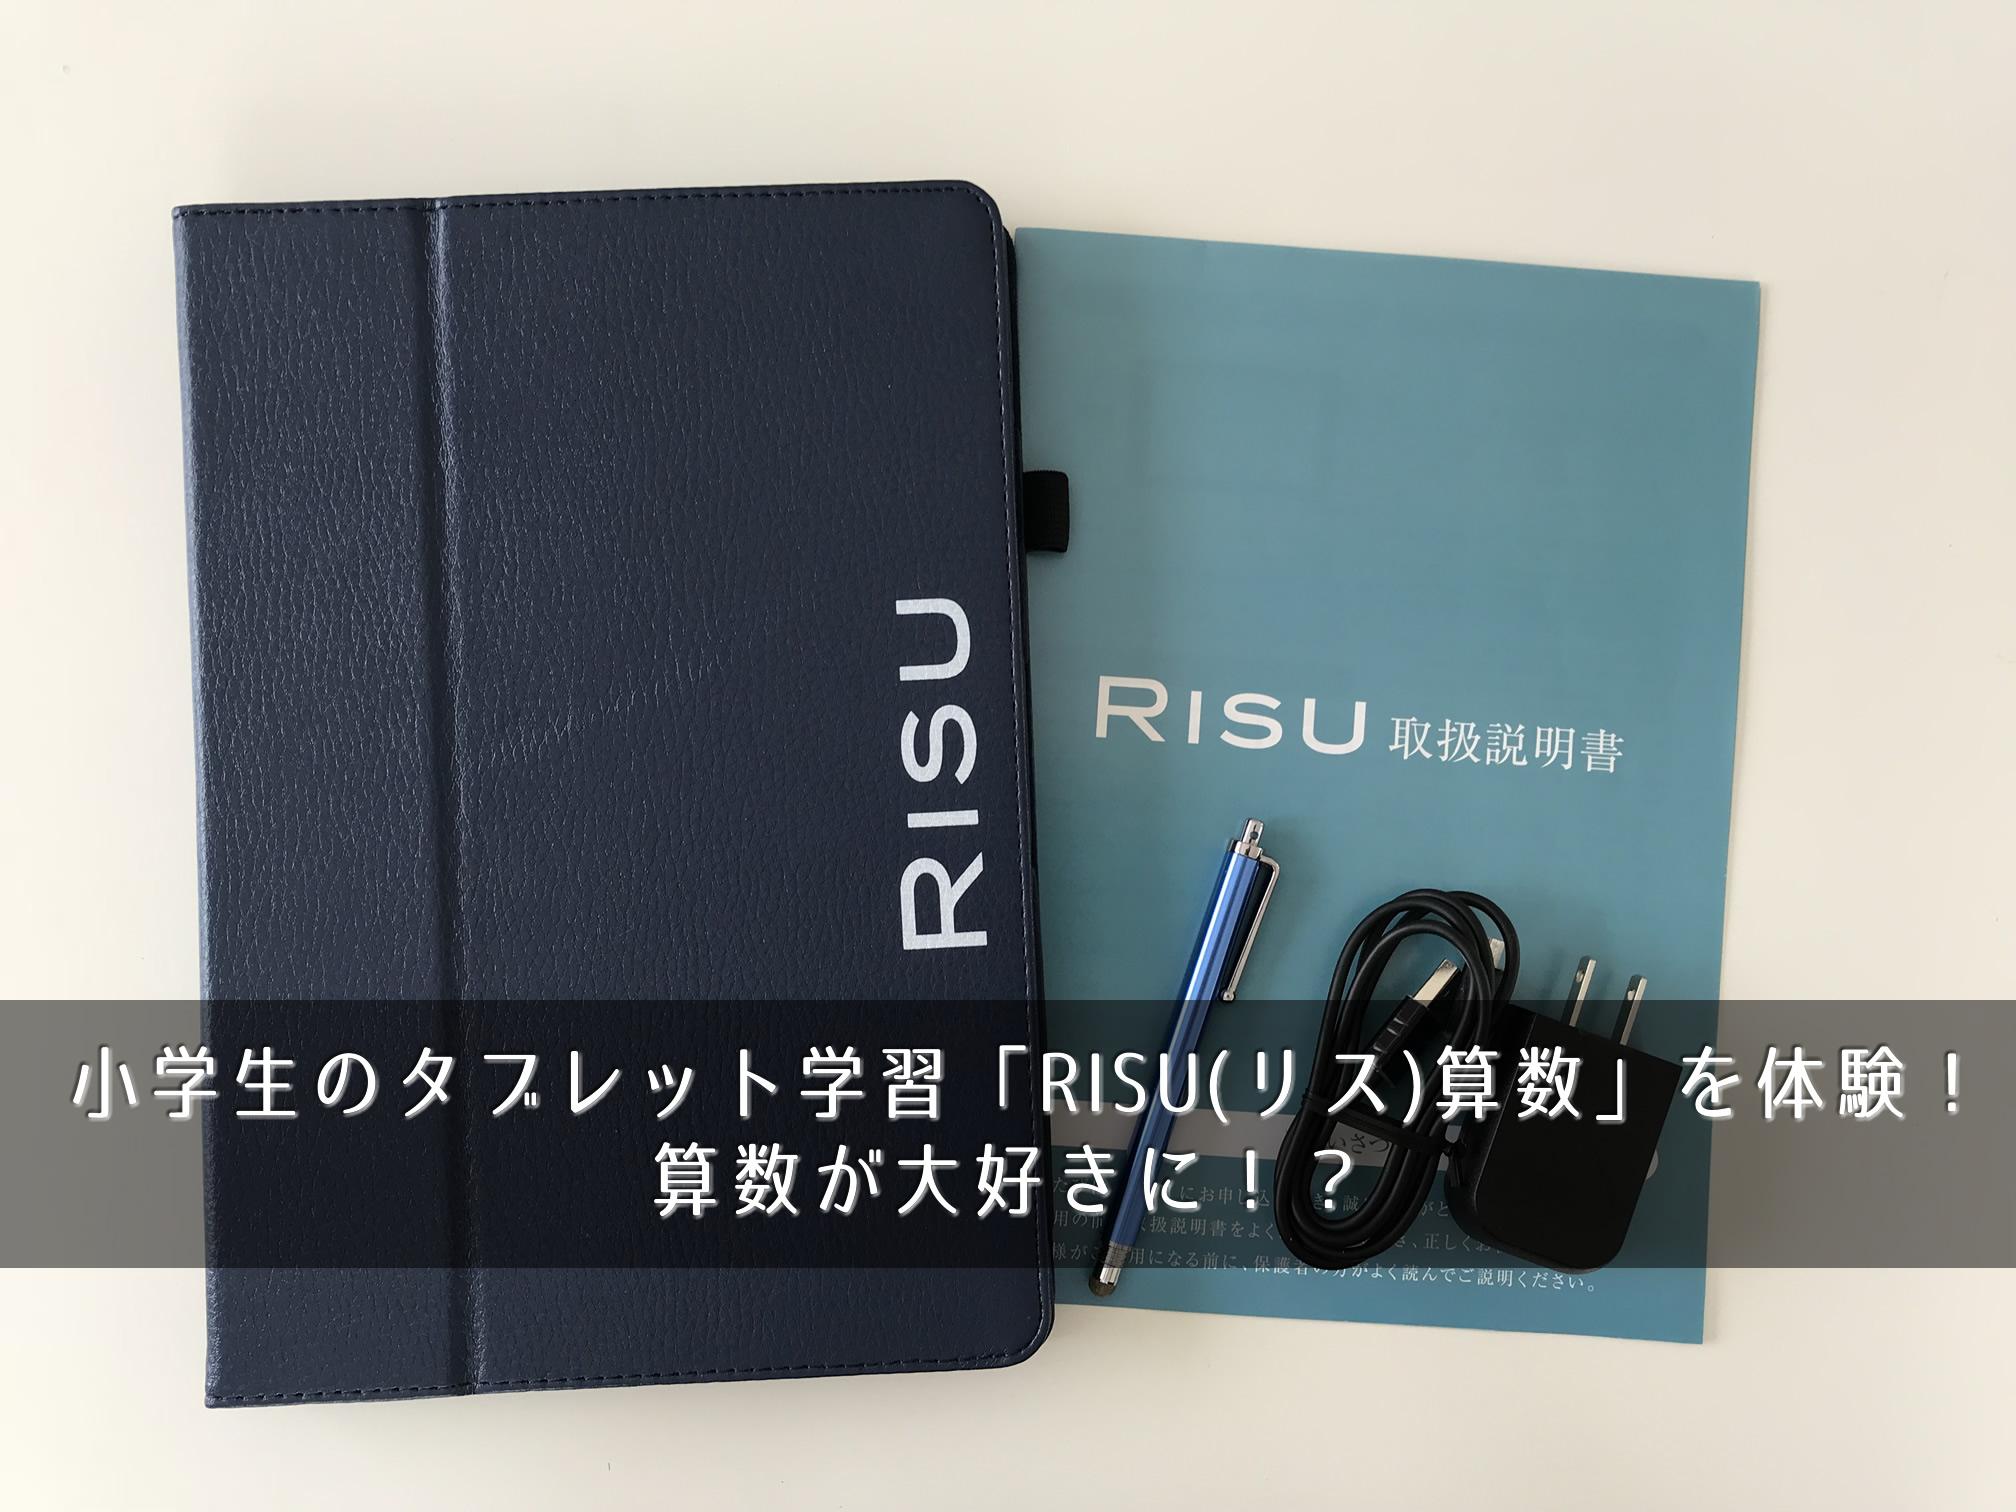 小学生のタブレット学習「RISU(リス)算数」を体験!算数が大好きに!?